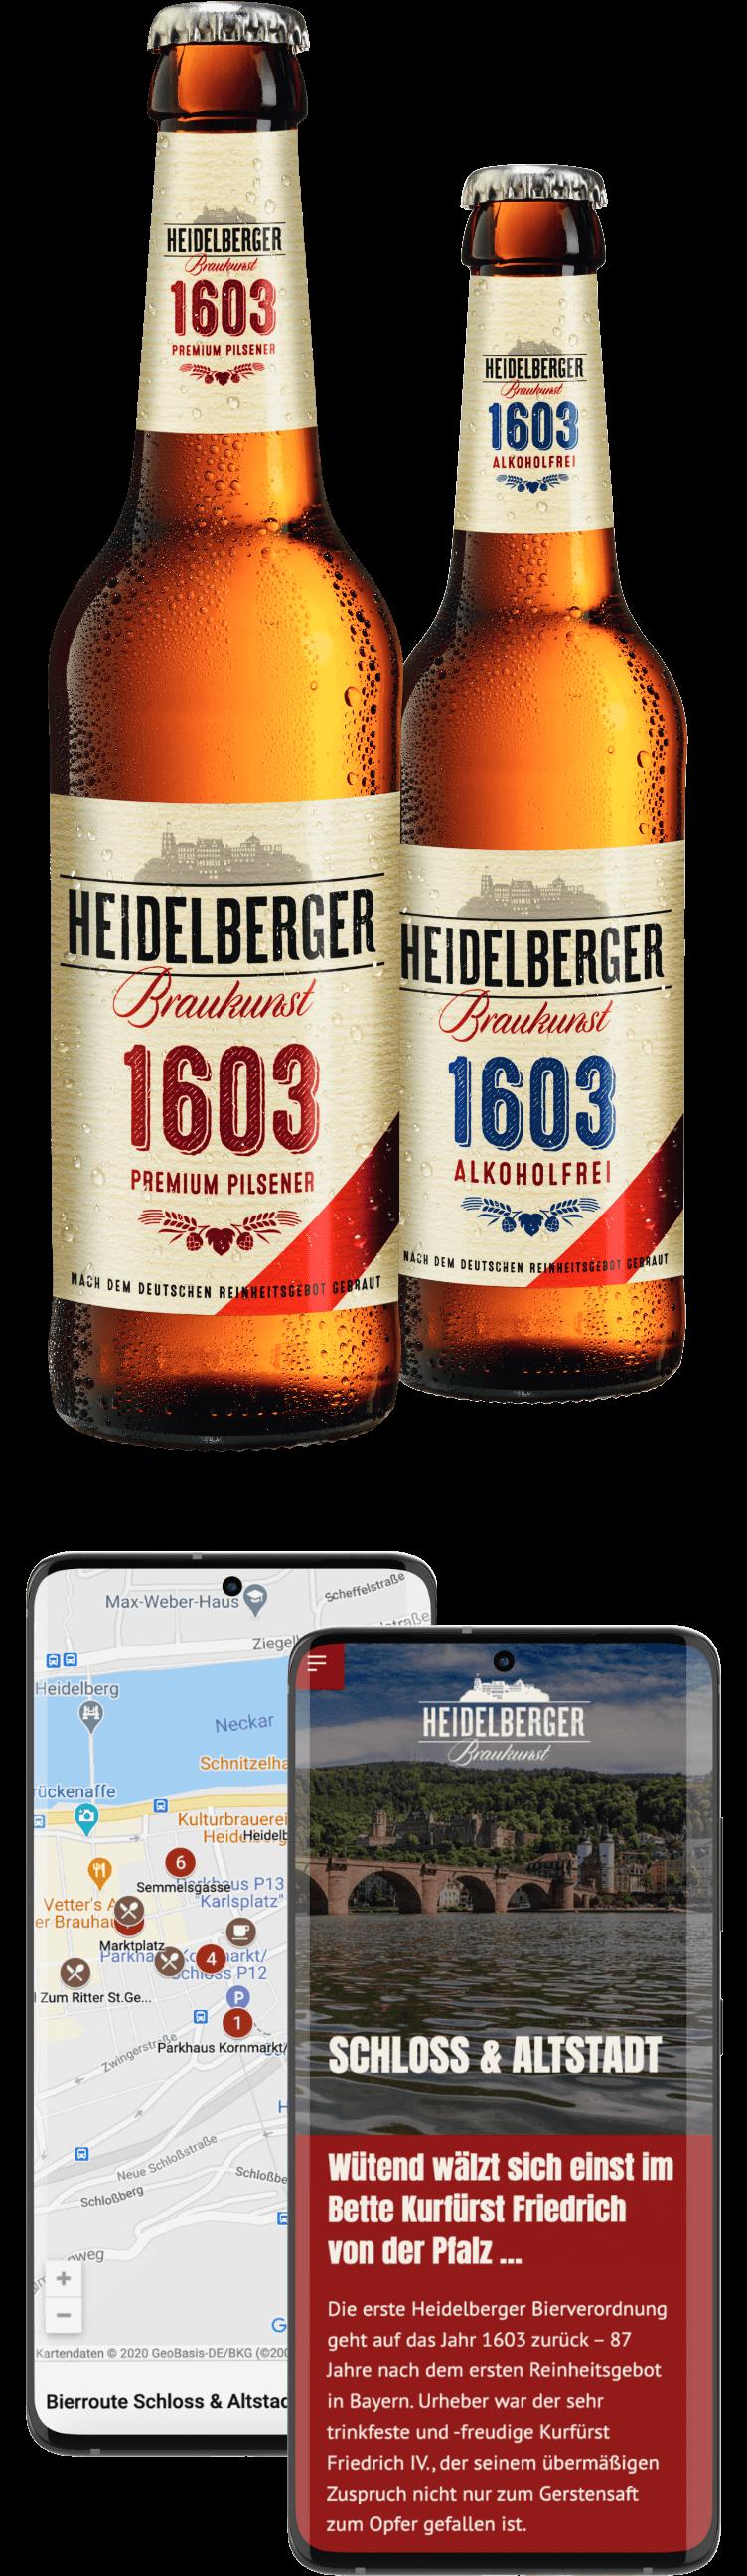 taste-heidelberger-biertour-und-bier-desktop